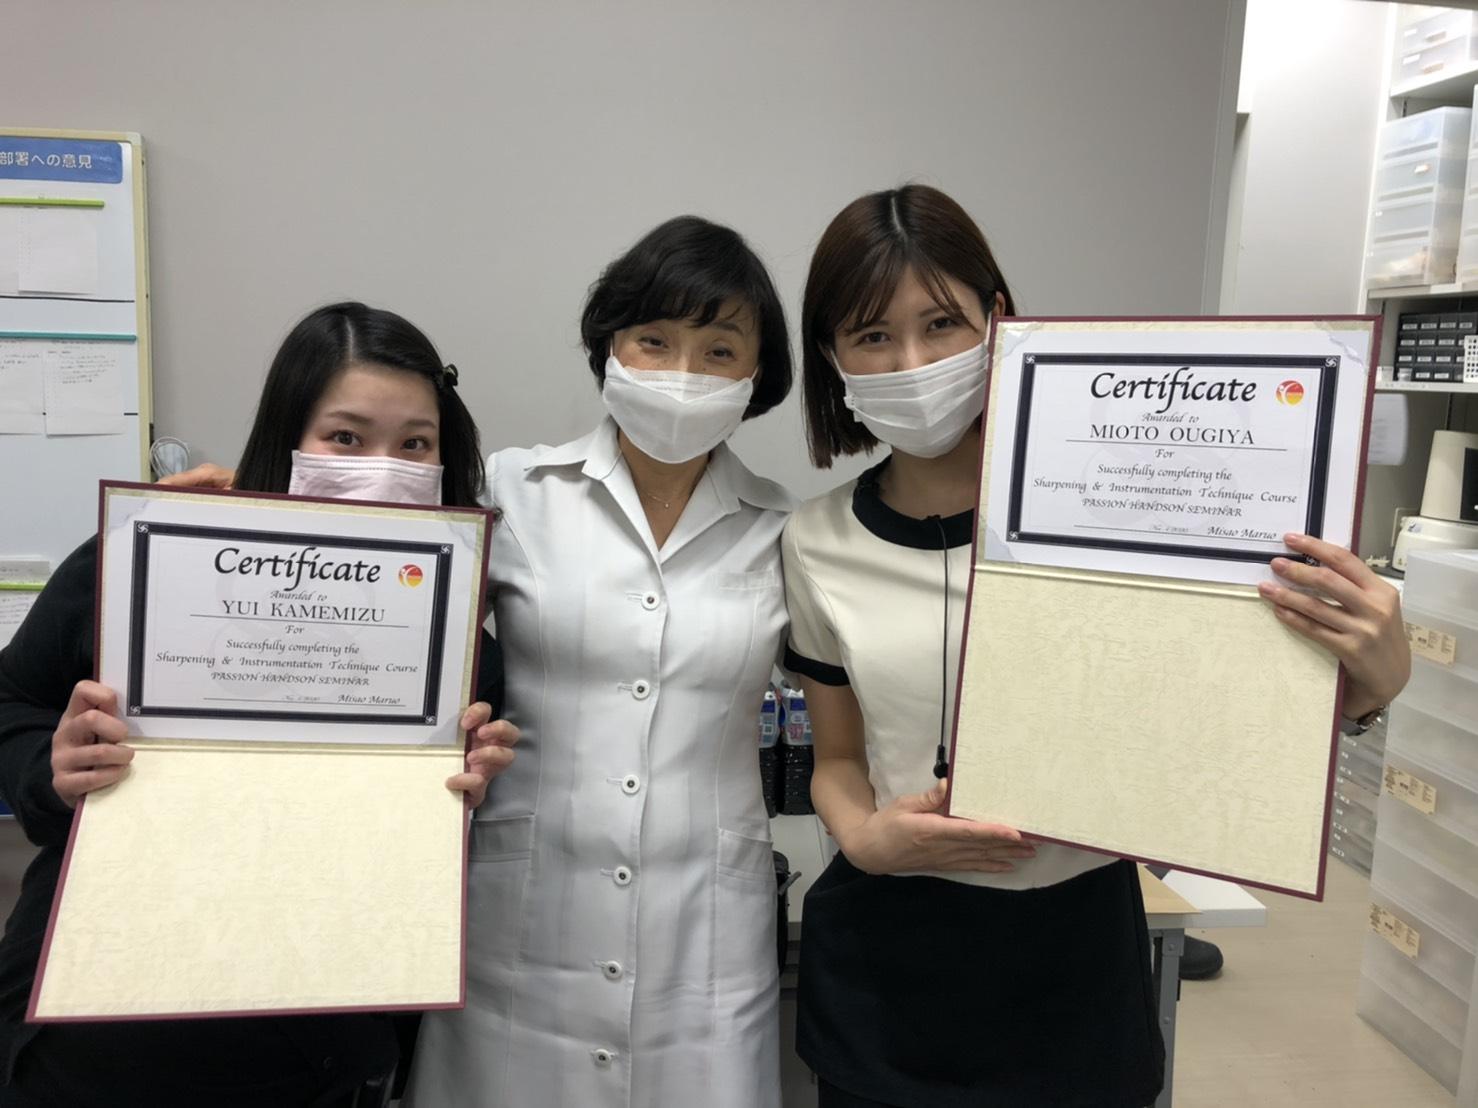 歯科衛生士がSRP(歯石取り)のテストに合格しました